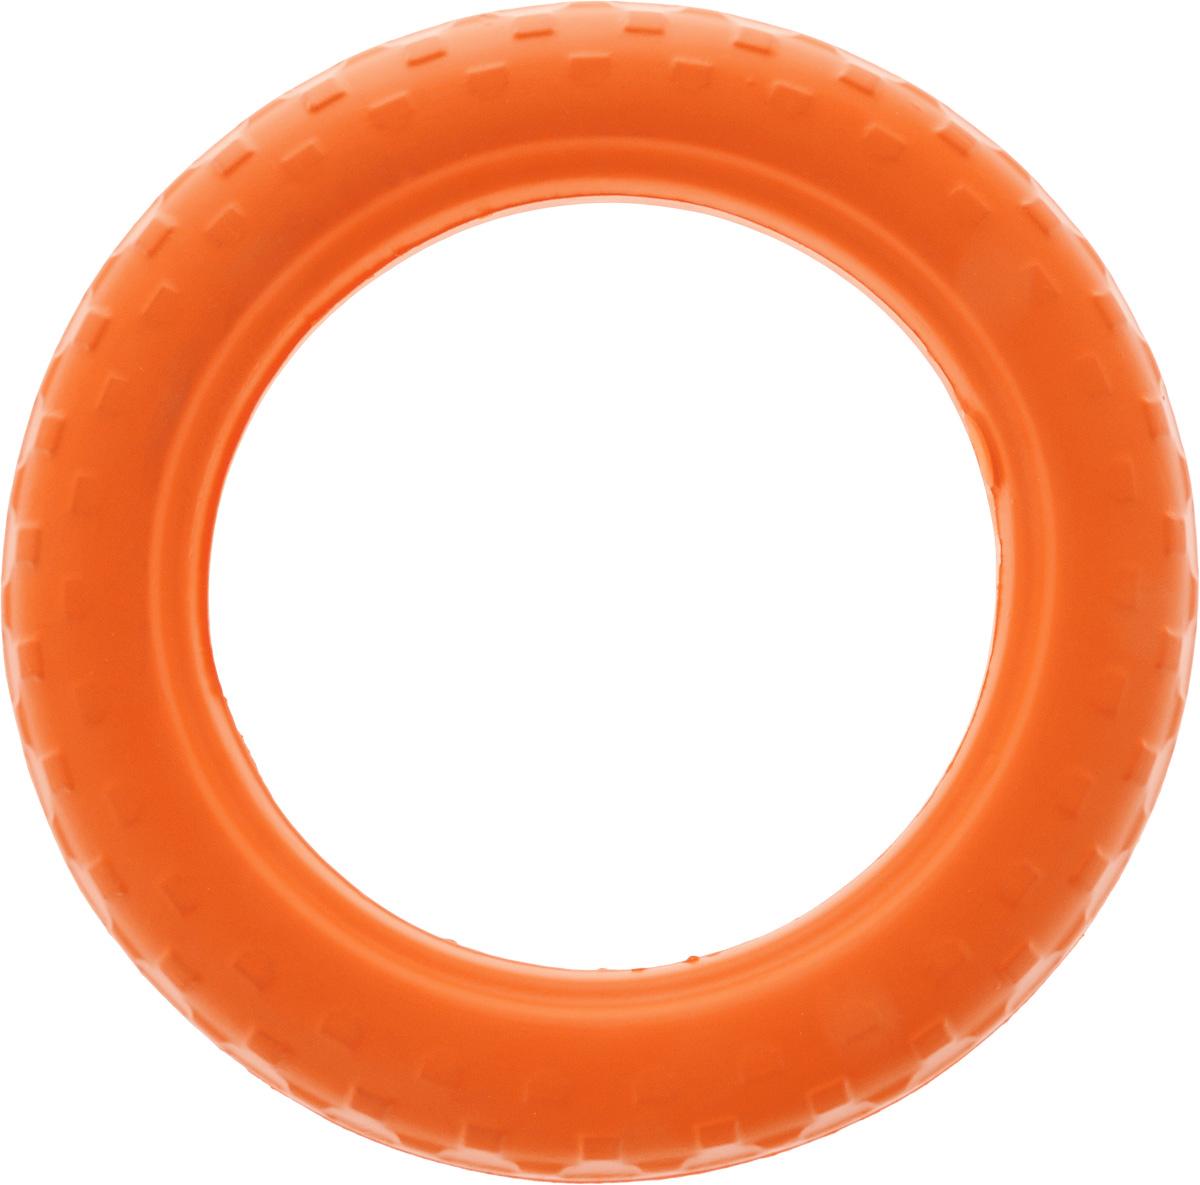 Игрушка для животных Doglike Шинка для колеса. Средняя, цвет: оранжевый, диаметр 27 см0120710Doglike Шинка для колеса. Средняя - простая и незамысловатая игрушка для собак, которая способна решить многие проблемы здоровья вашего четвероногого любимца. Если ваш пес портит мебель, излишне агрессивен, непослушен или страдает излишним весом то, скорее всего, корень всех бед кроется в недостаточной физической и эмоциональной нагрузке. Порадуйте своего питомца прекрасным и качественным подарком.Диаметр игрушки: 27 см.